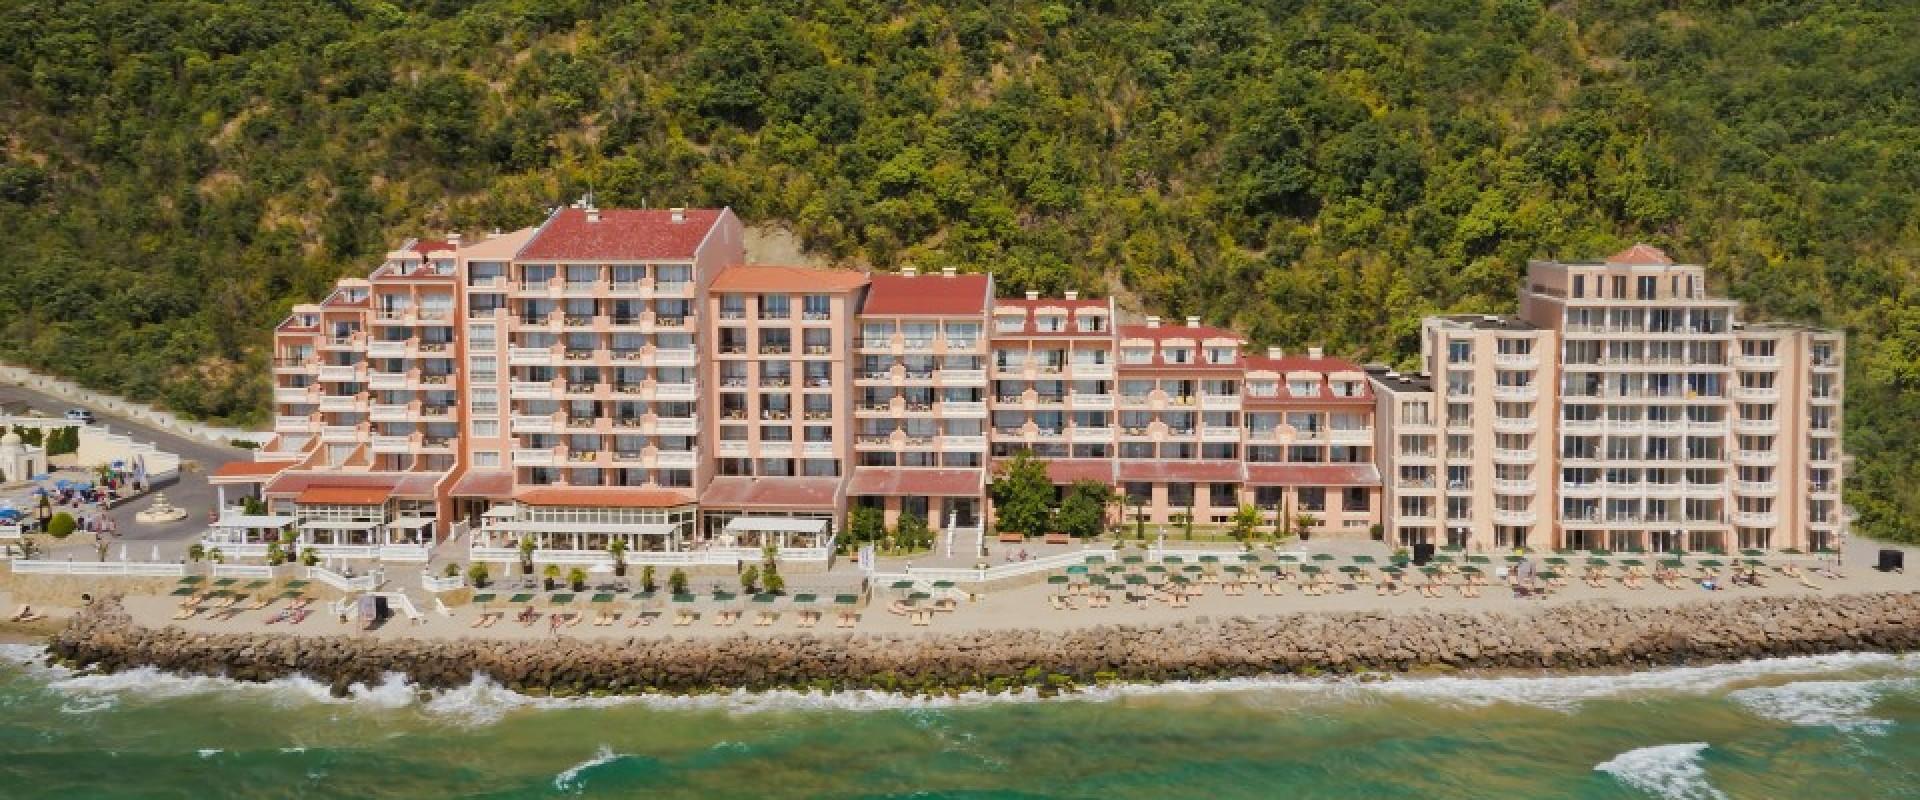 Odihnă în Bulgaria, Elenite, Hotel Royal Bay Spa